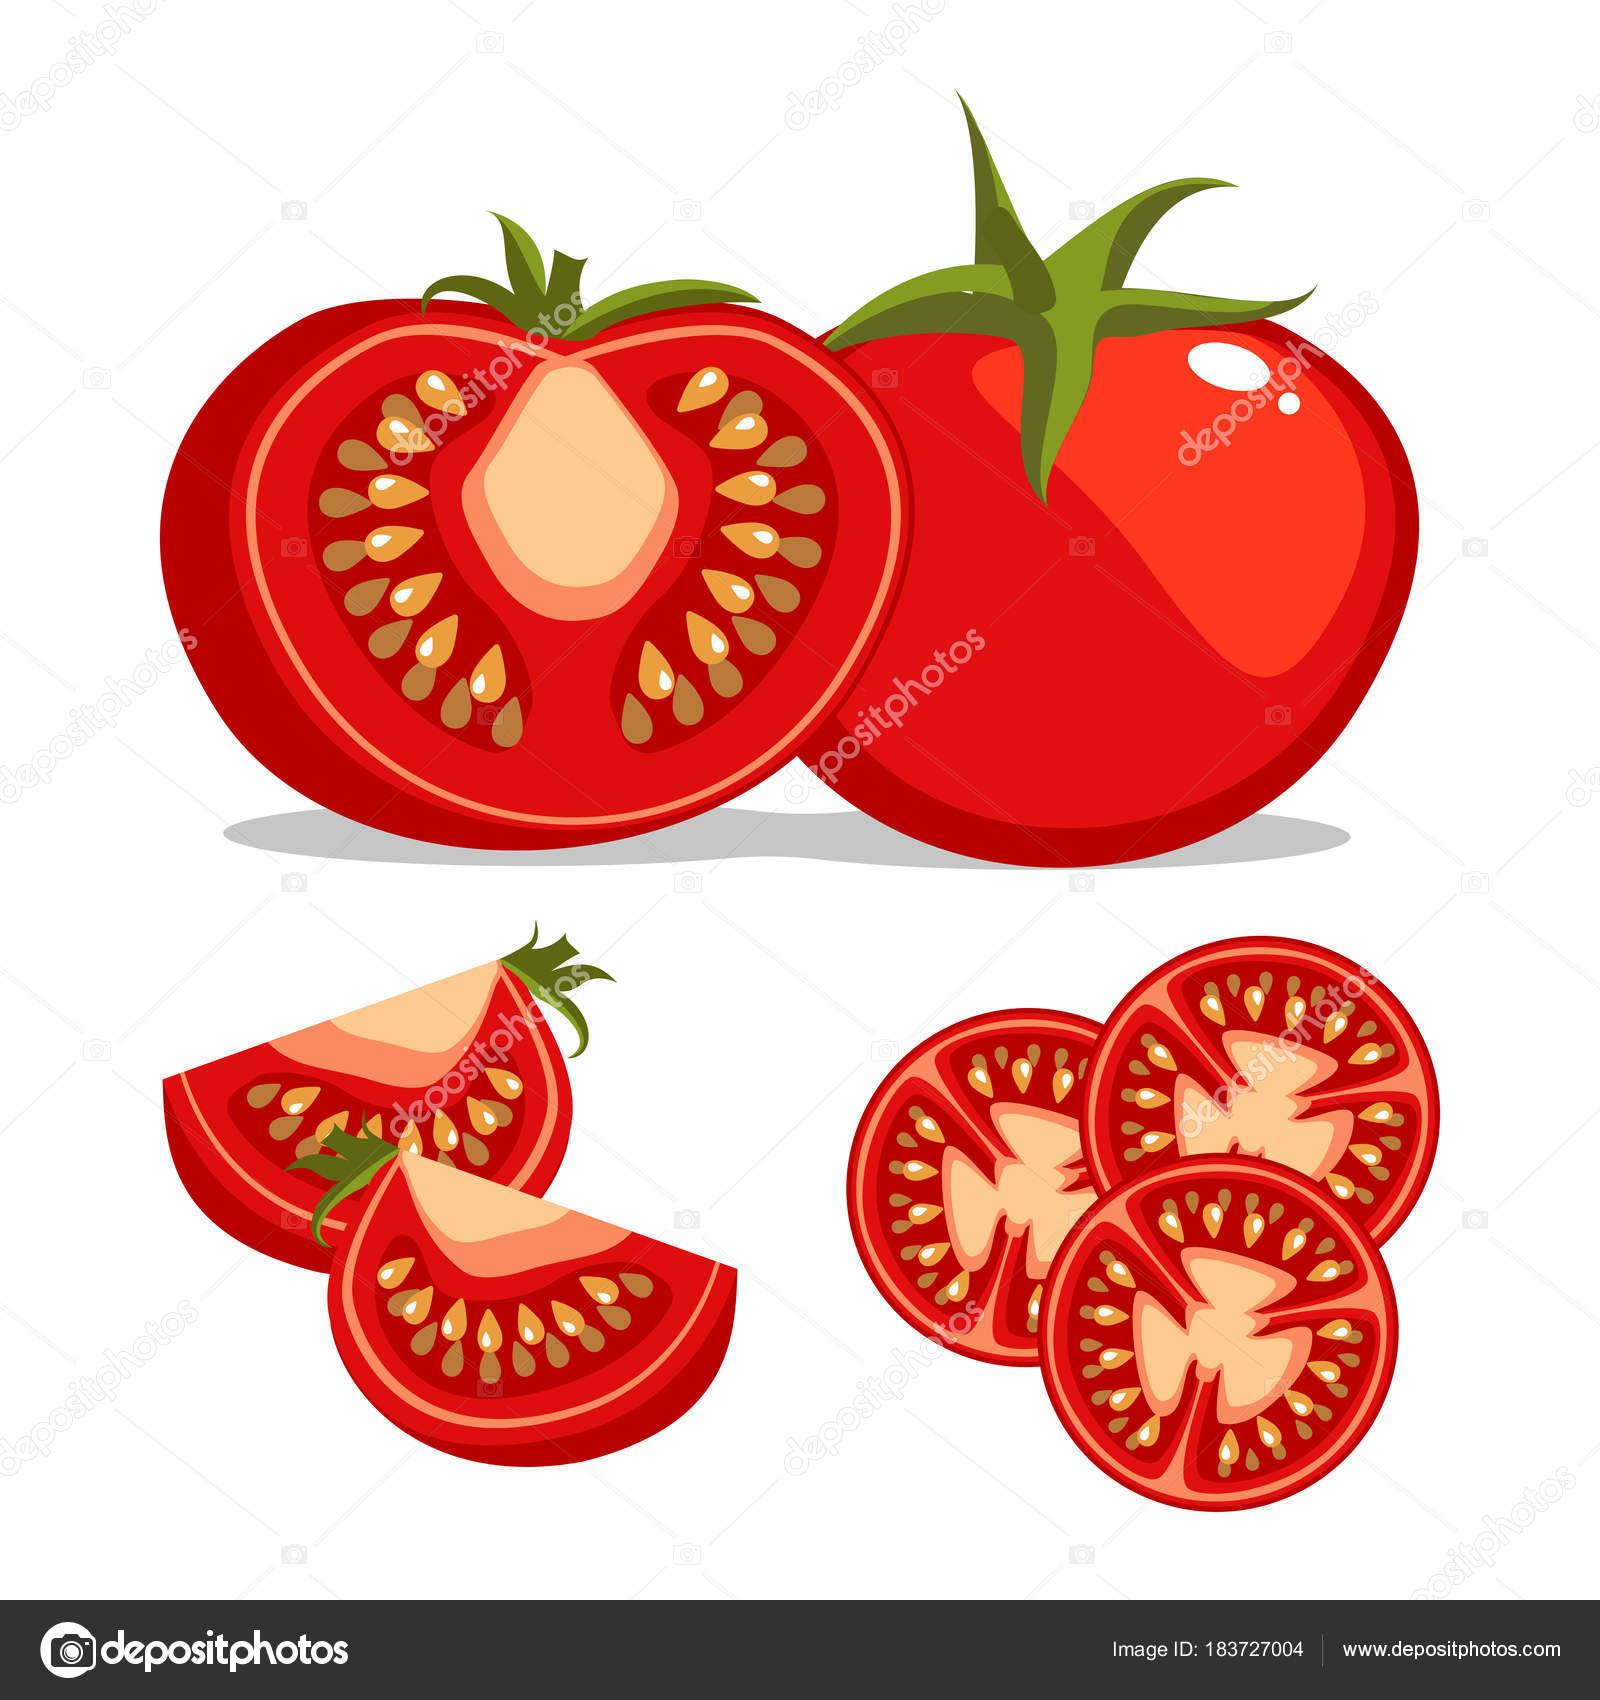 Ensemble de tomates diff rentes isol sur fond illustration de dessin anim entiers tranch s - Tomate dessin ...